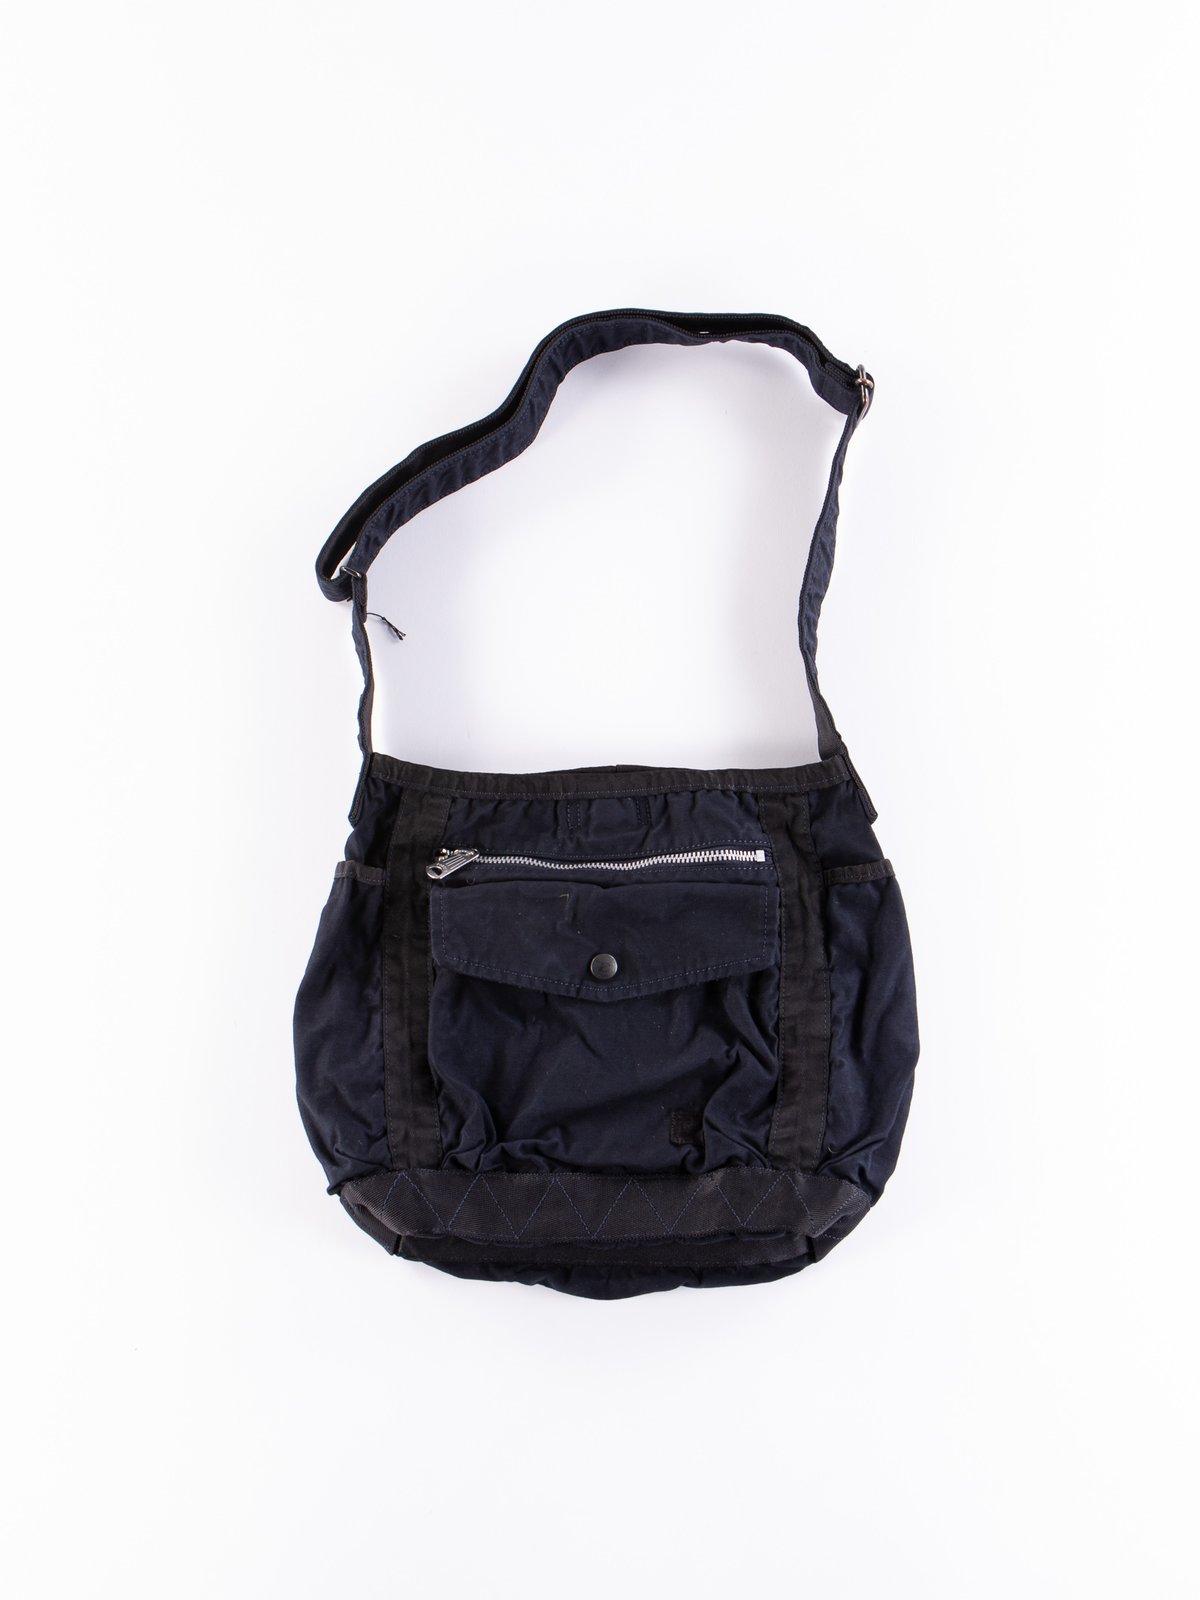 Navy Crag Shoulder Bag Small - Image 1